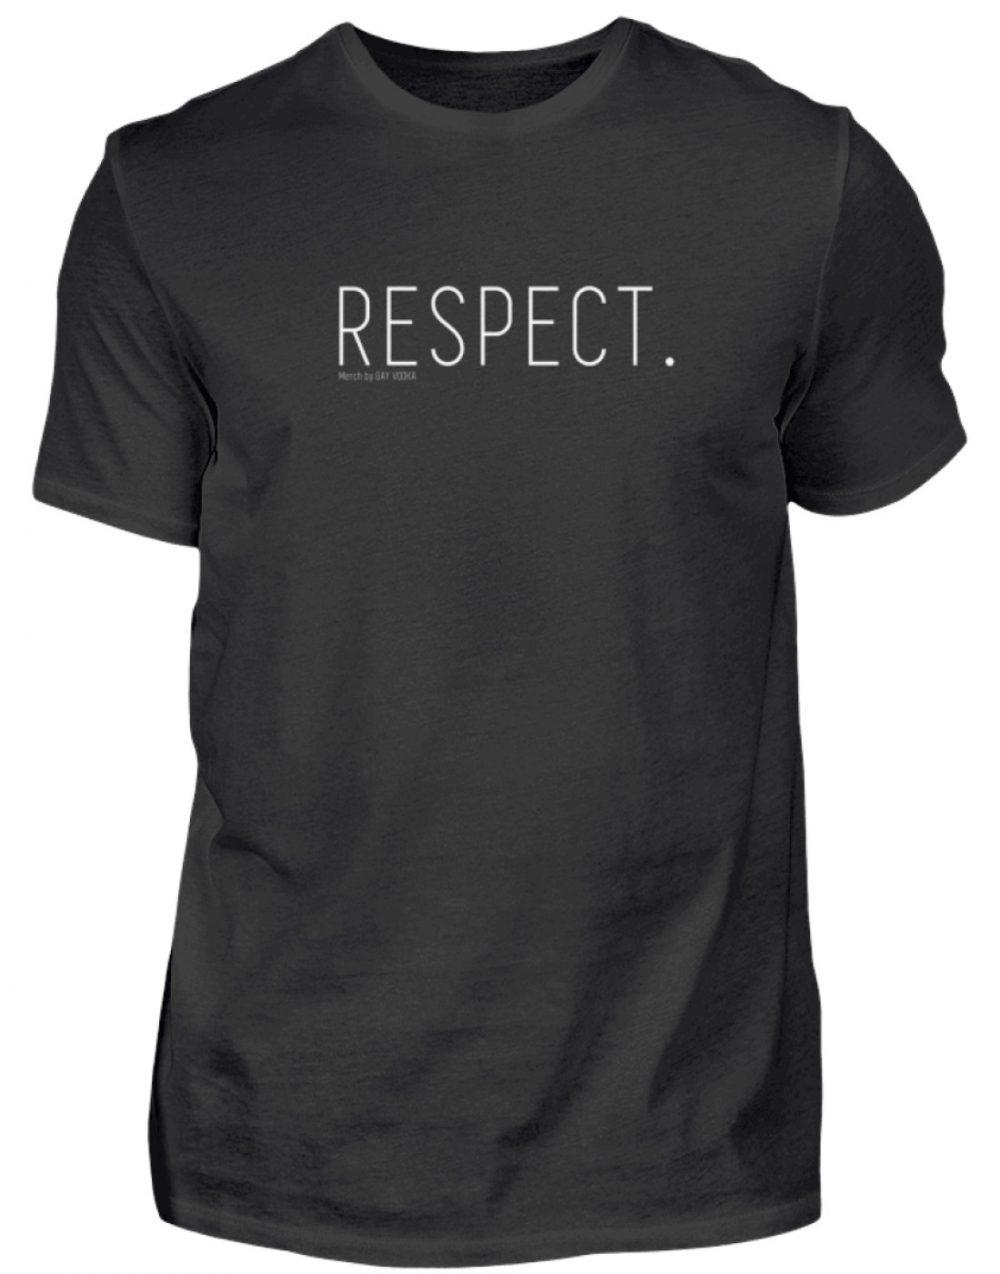 RESPECT. - Herren Premiumshirt-16